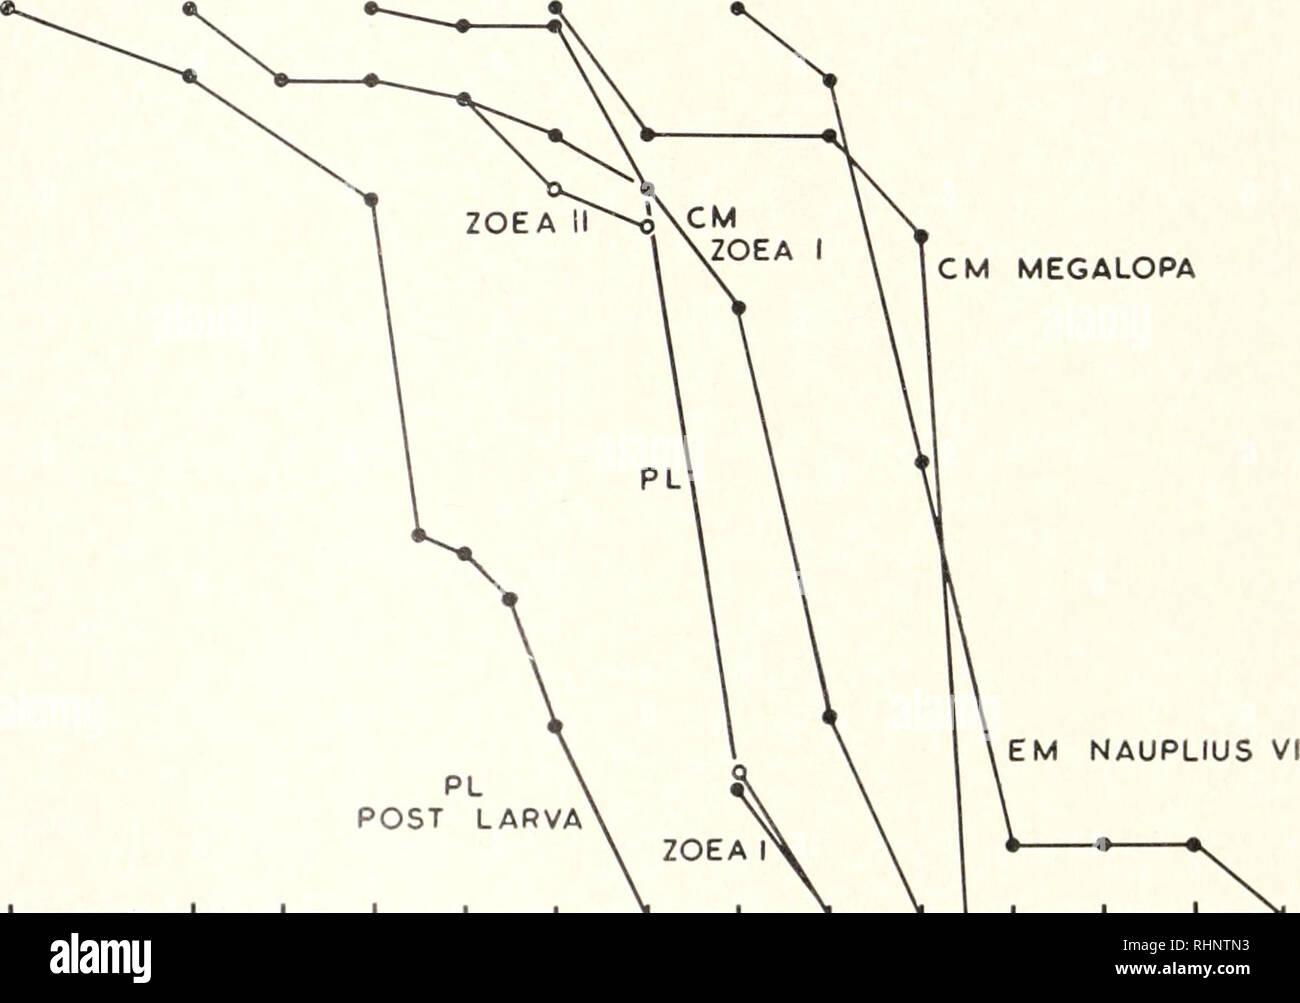 . El boletín biológica. La Biología, Zoología; biología; biología marina. 112 JOAN LANCE TABLI II .SV;//w//v tolerancias de cirros fiedes y decápodos Spei ies M.iUC mala vida-historia Experimental de temperatura (°< rango de salinidades, causando mortalidad (% de agua de mar) Rango de salinidades letal (%) de agua de mar Elminius modestus nauplius Fase I 16.2 0-35 0-30 Cuidado en nosotros maenas Etapa 1 KM /I Megalopa 17.0 17.0 0-90 0-45 0-35 0-27,5 Porcellana longicornis zoea fase I Fase 1 1 post-larva zoea 17.0 17.0 17.0 0-65 0-65 0-70 0-40 0-40 0-57,5 ent, sin embargo, si la supervivencia después de 20 horas es evaluado (Fig. 2). W Foto de stock